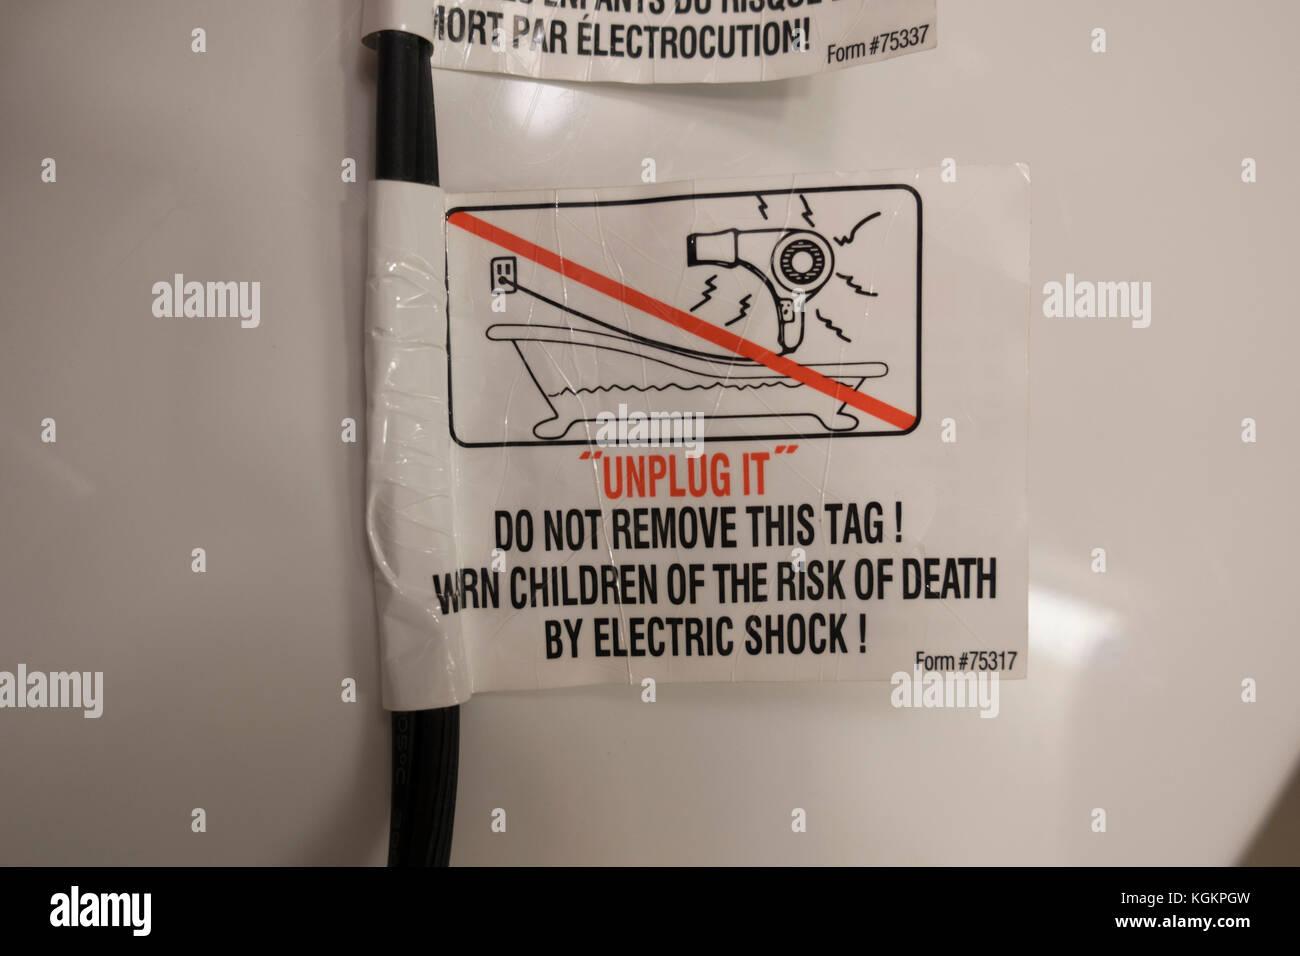 Un impianto elettrico di etichette di avvertenza su un